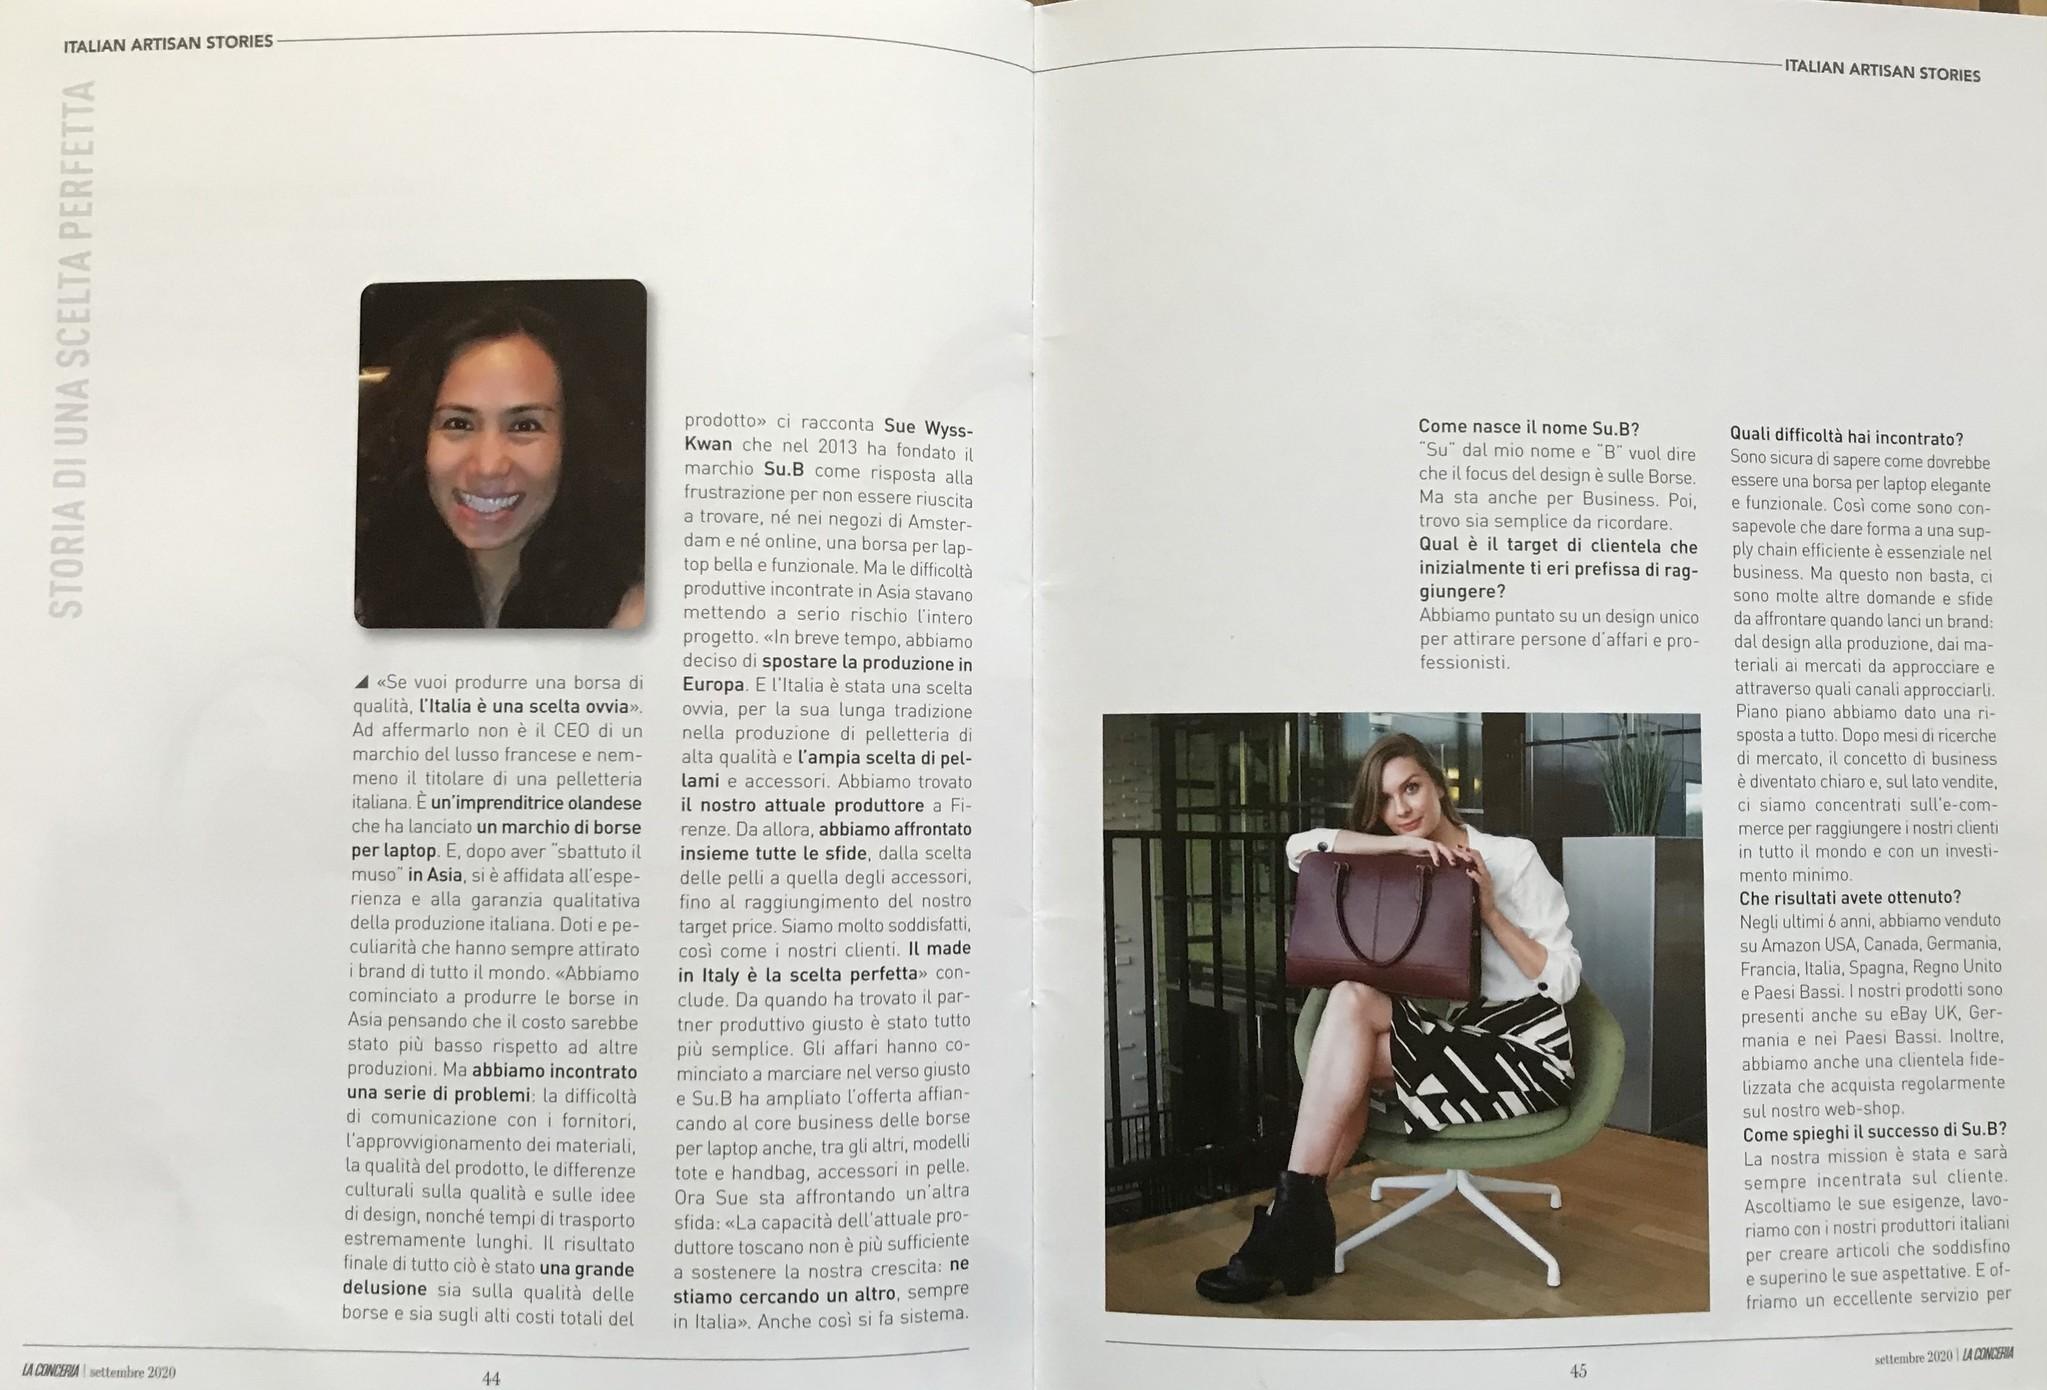 Het merkverhaal van Su.B is gepubliceerd in het Italiaanse tijdschrift LaConceria